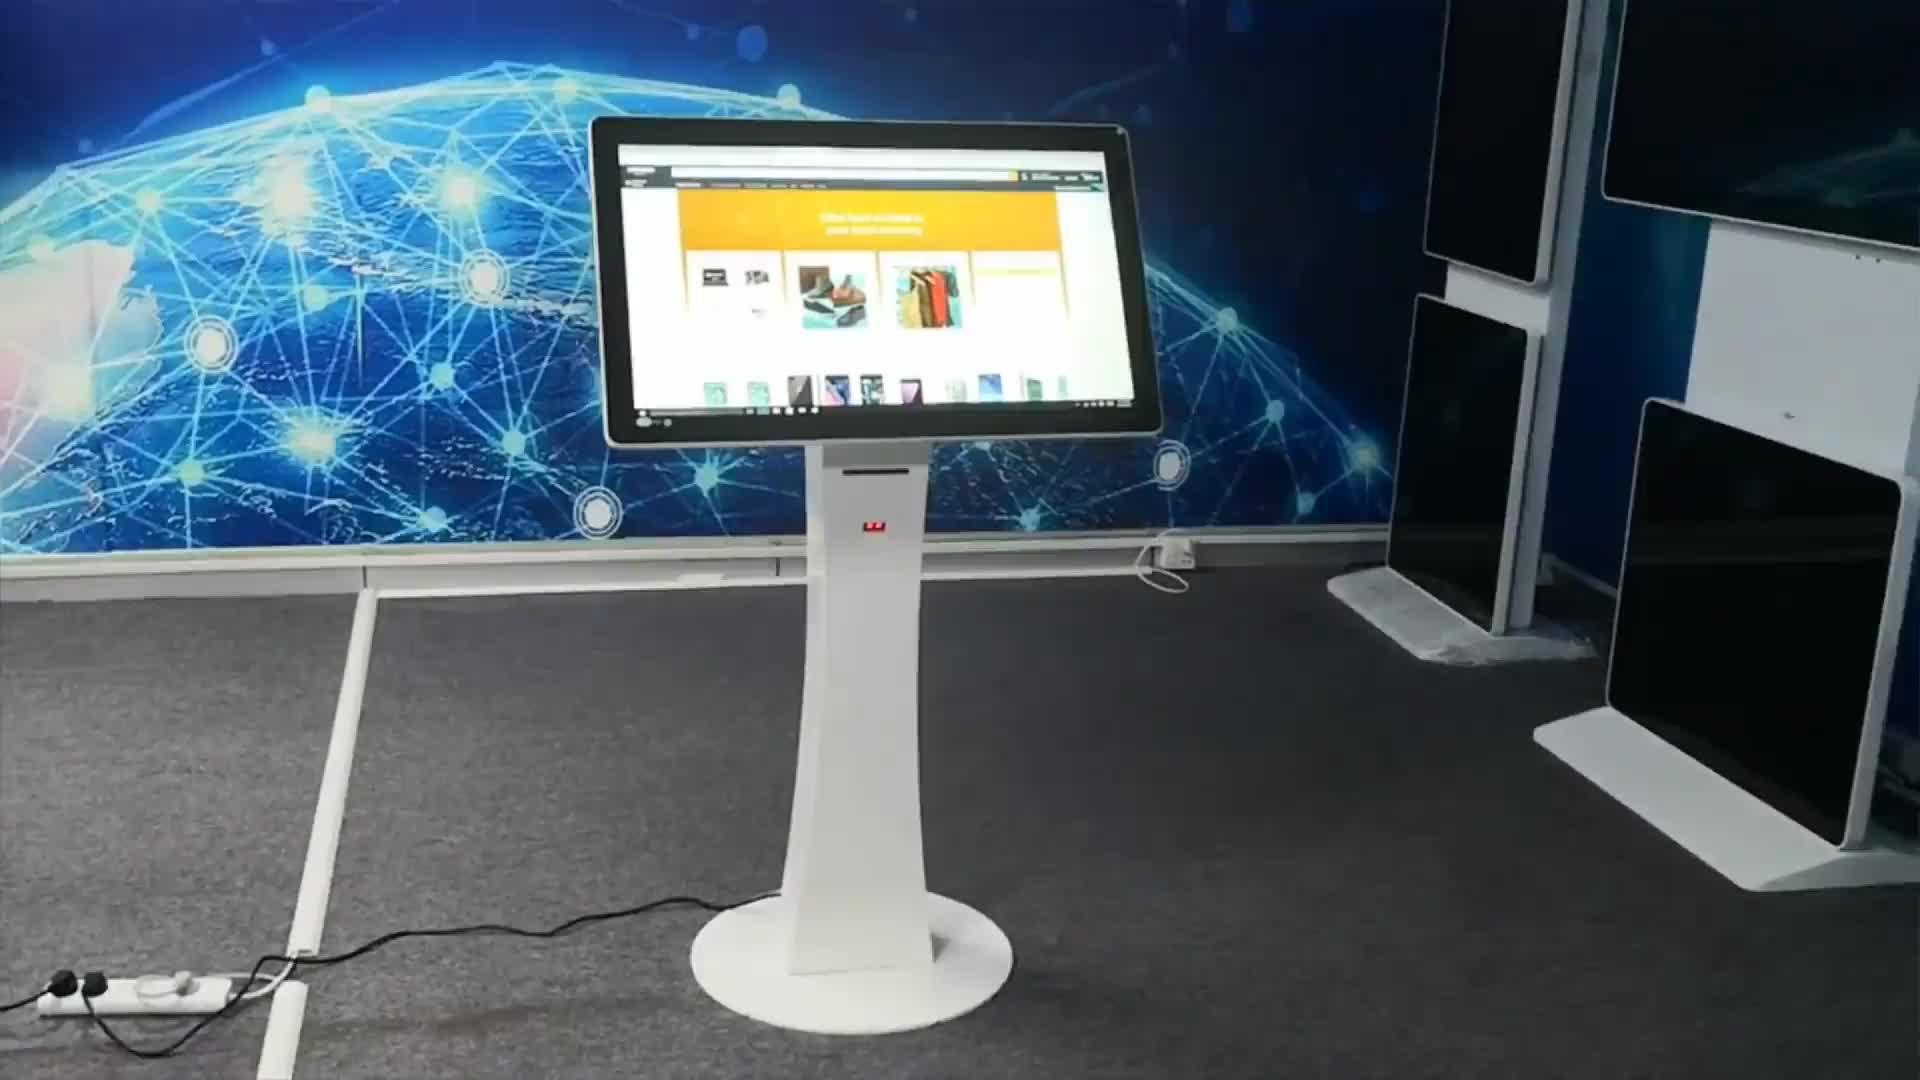 สมาร์ท Touch screen POS kiosk เครื่องพิมพ์และสแกนเนอร์